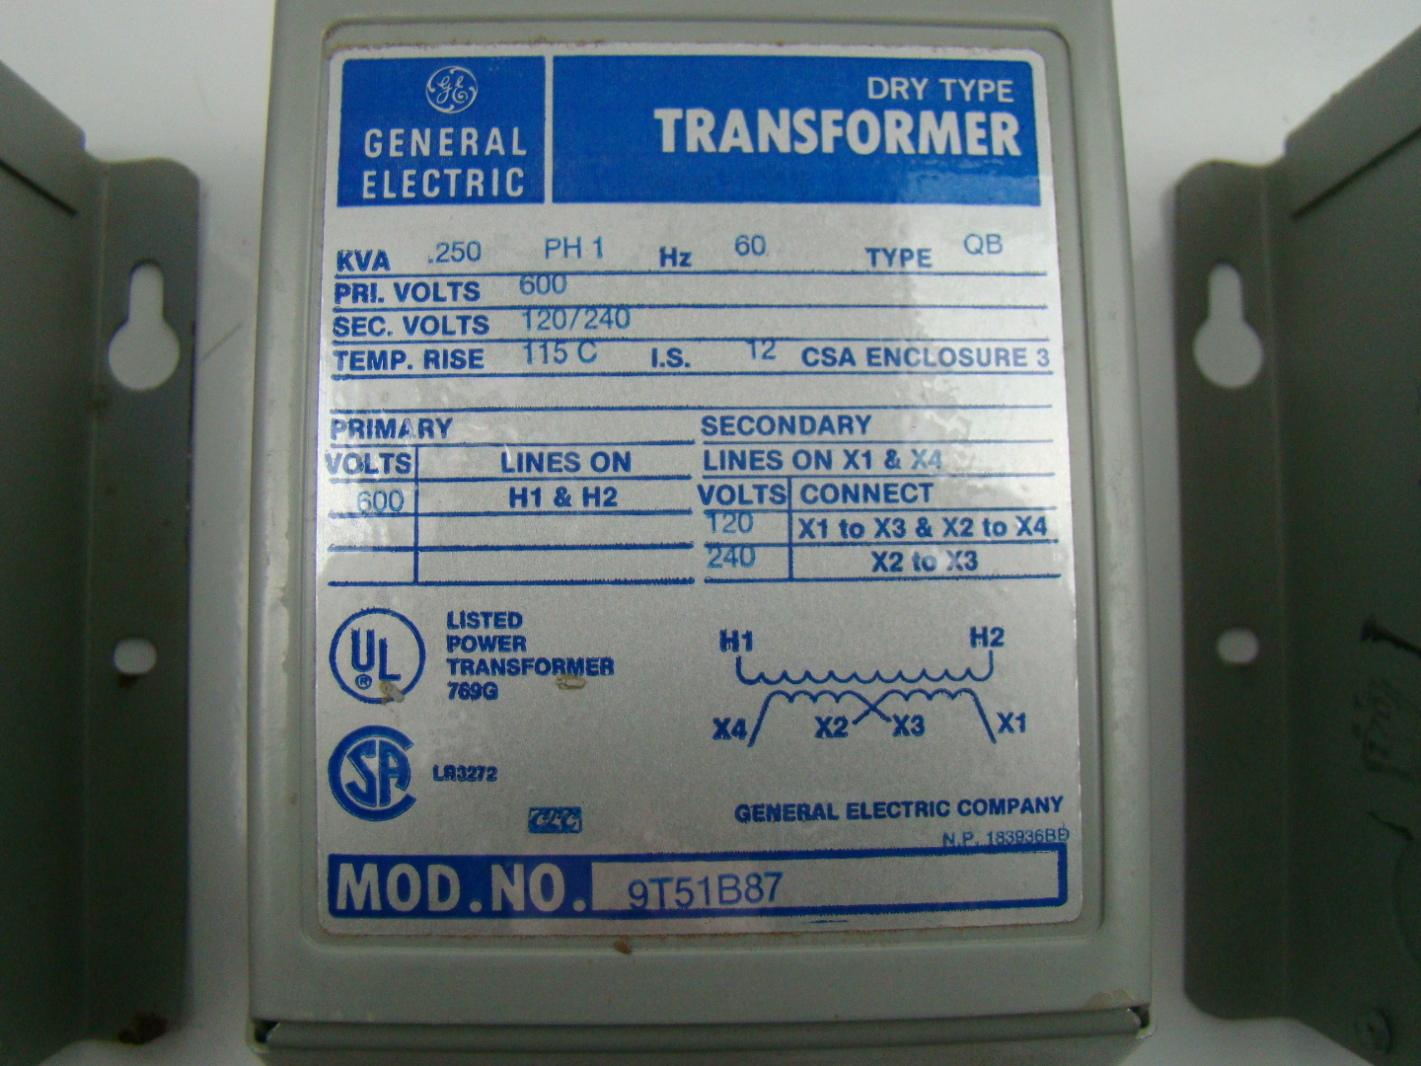 general electric 25 kva transformer ph1 600vx120 240v. Black Bedroom Furniture Sets. Home Design Ideas